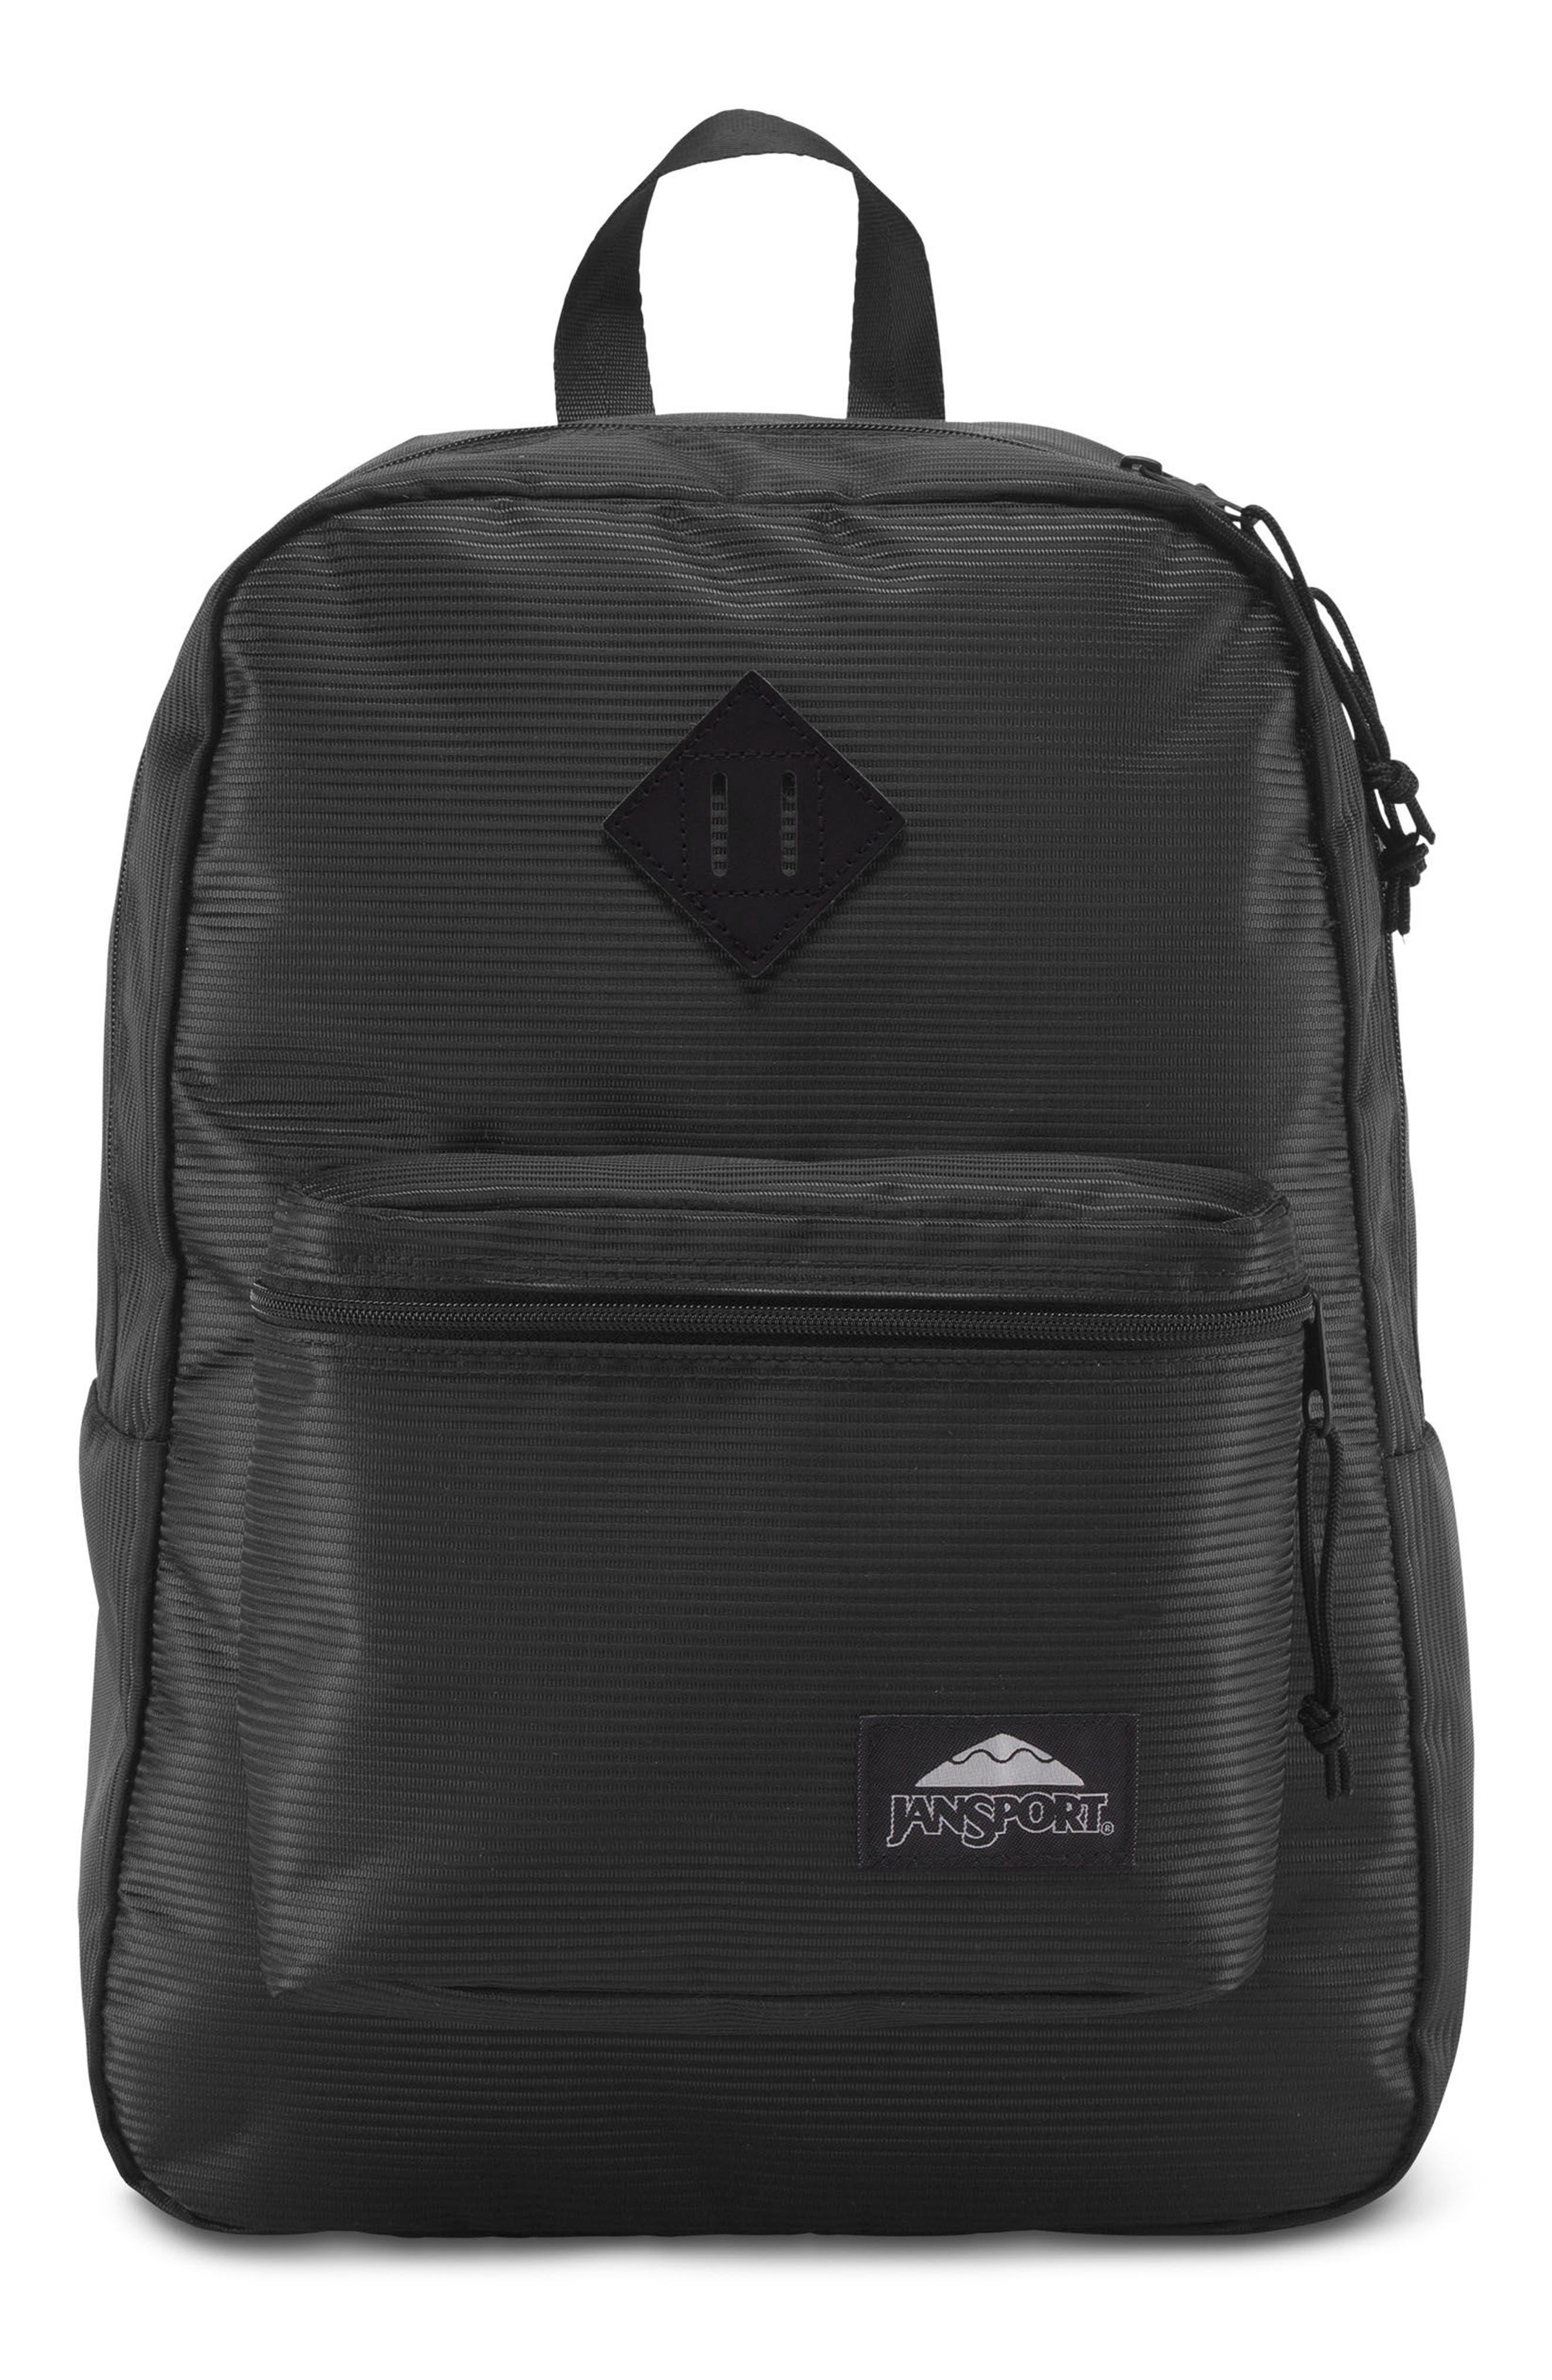 Super FX DL Backpack,                         Main,                         color, Black Line